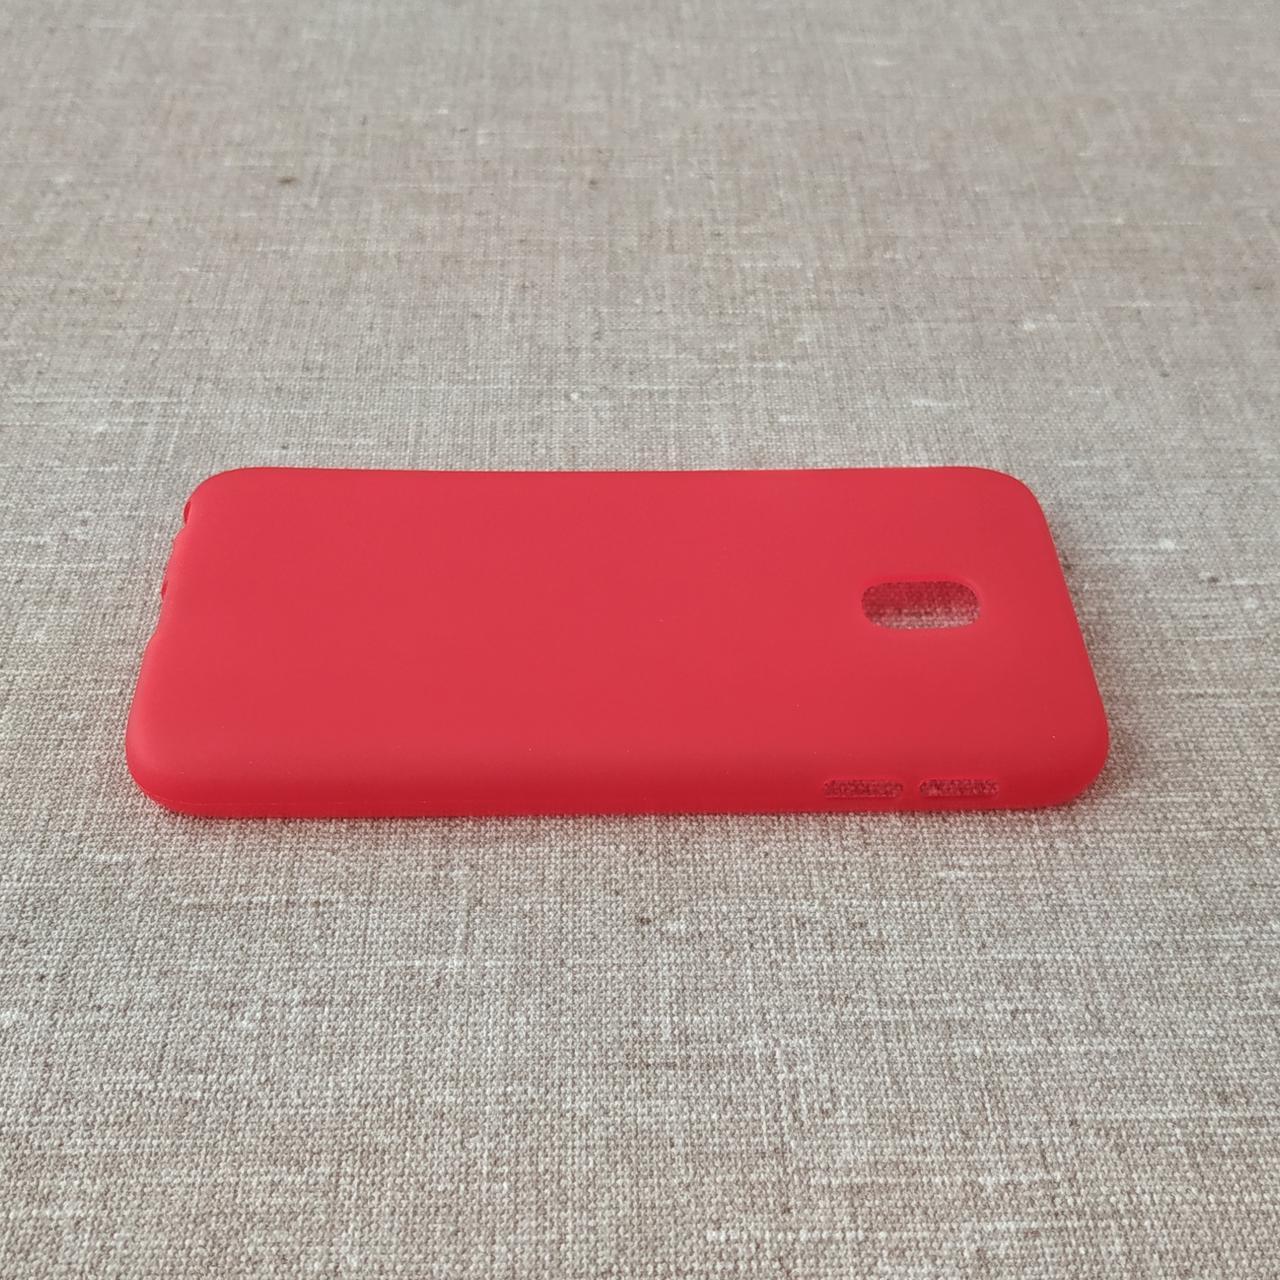 TPU Samsung Galaxy J330 red